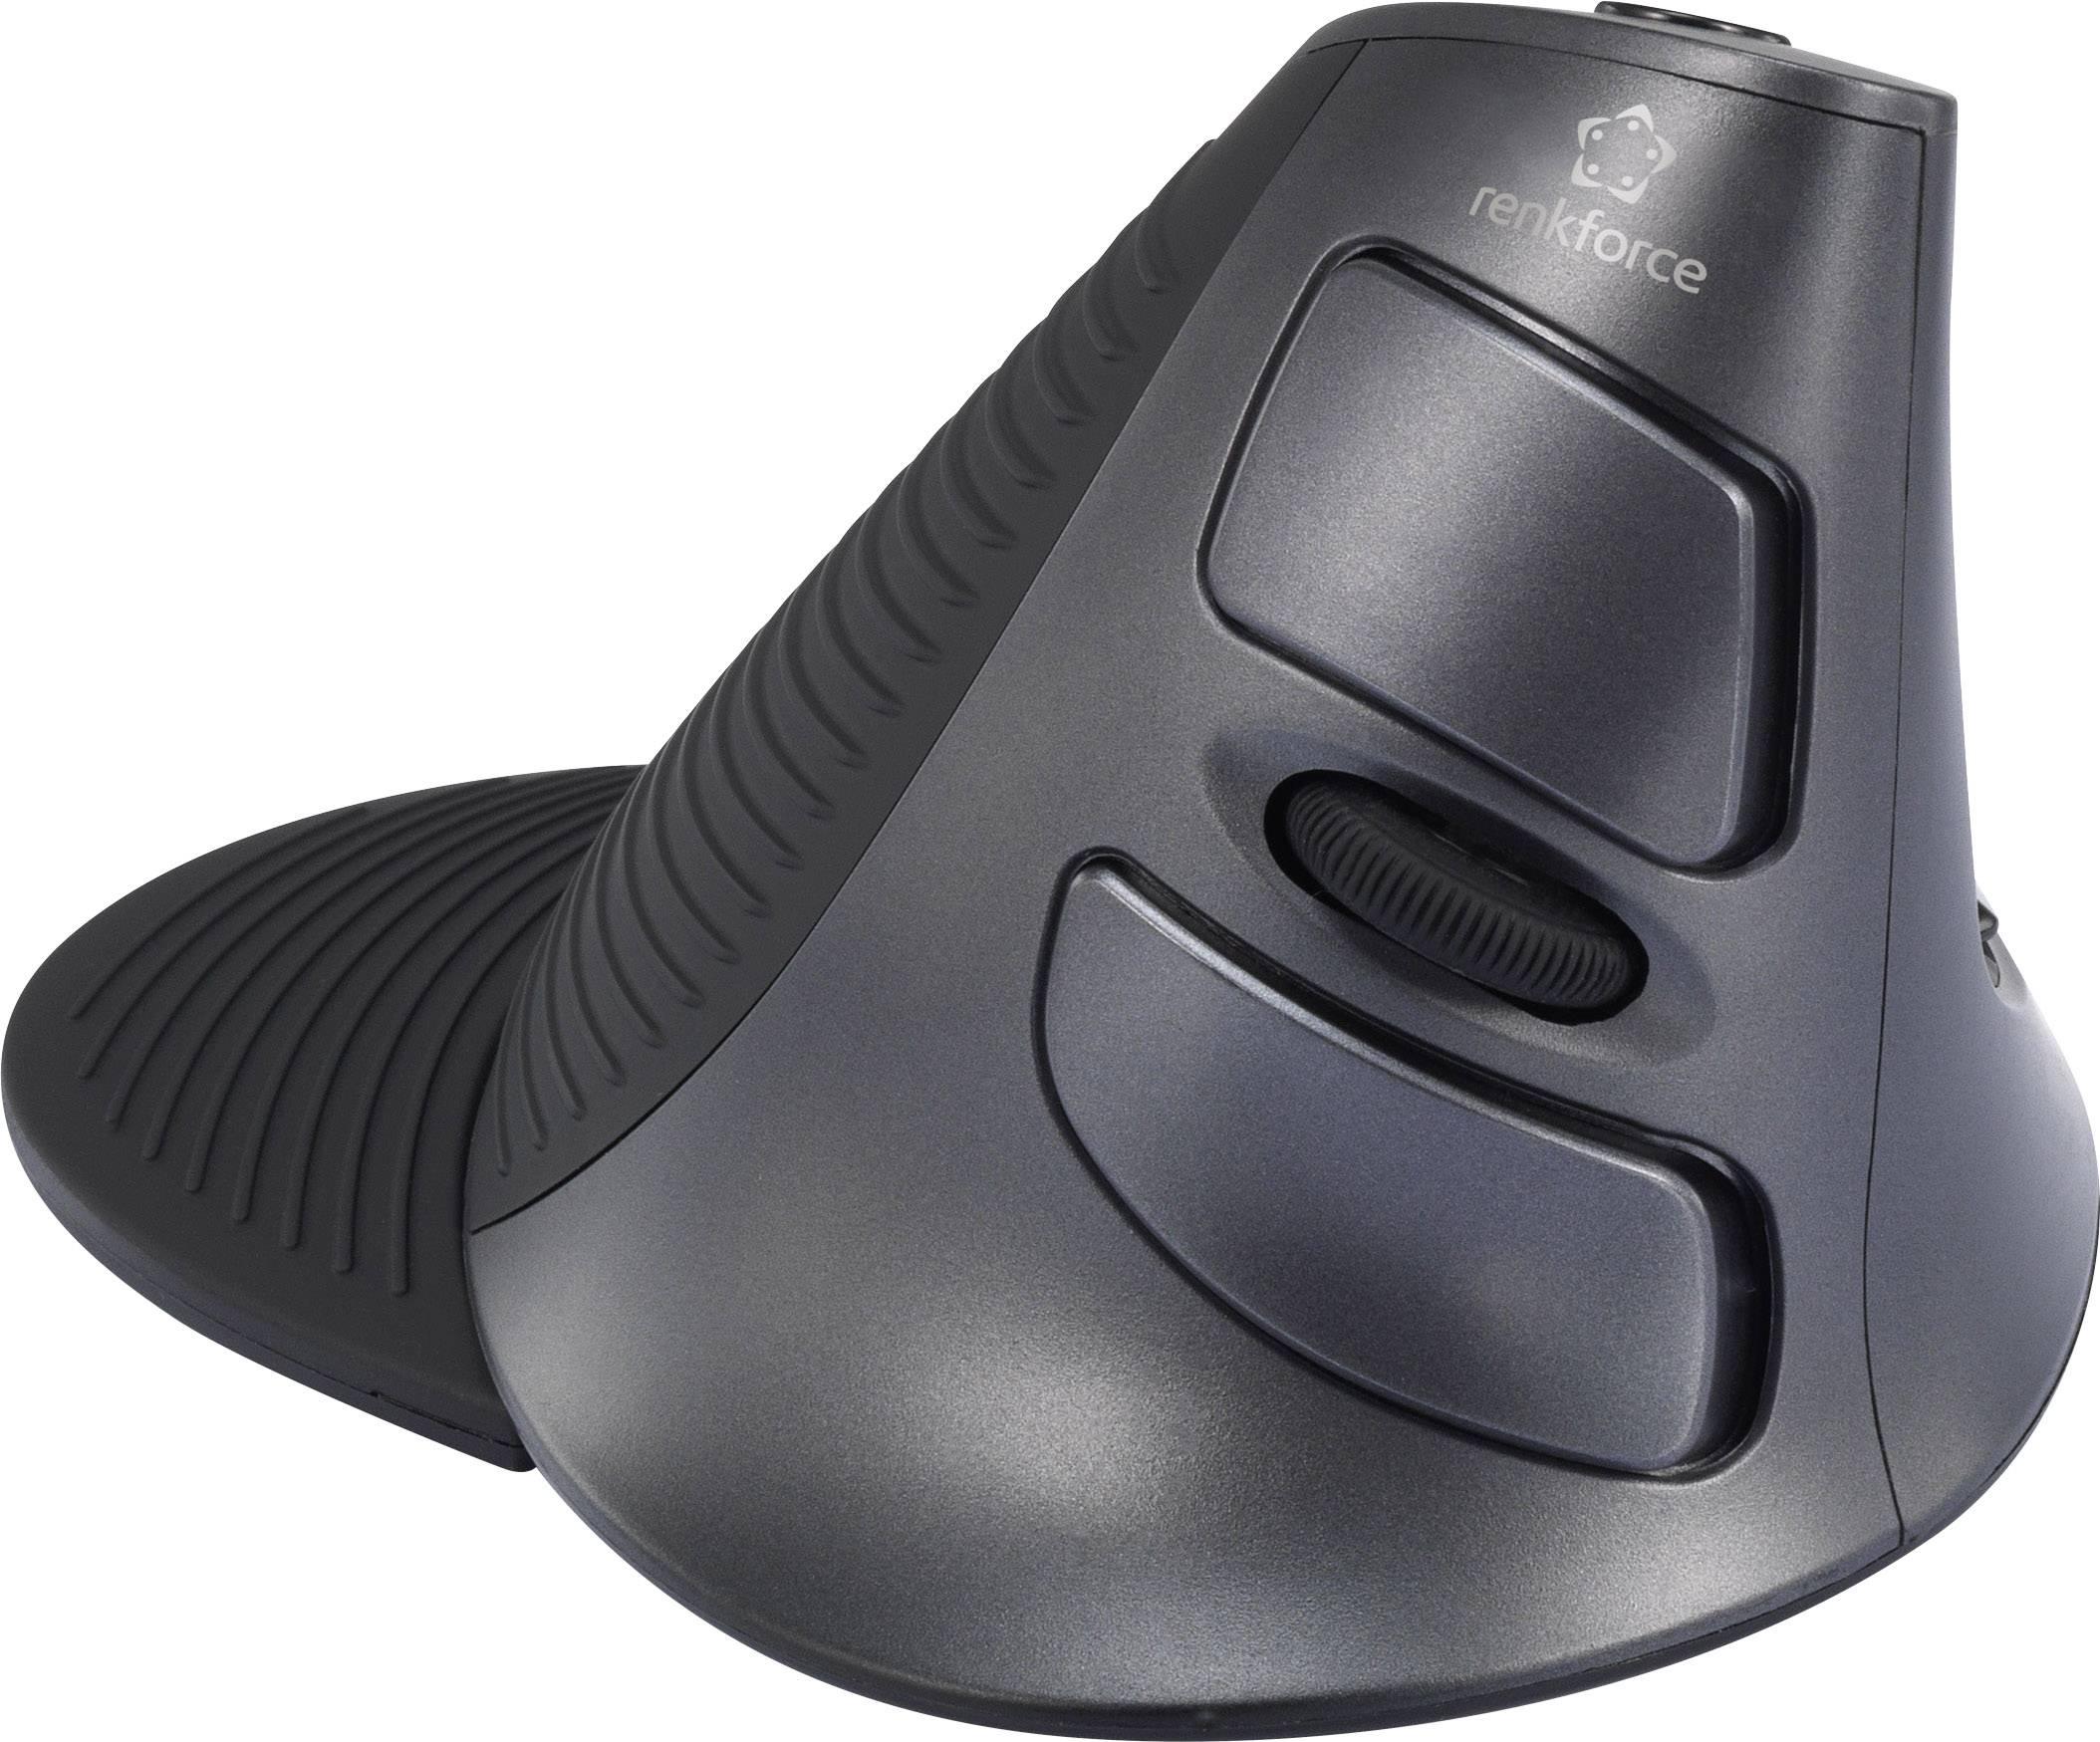 Ergonomická bezdrôtová myš laserový/á Renkforce M618GL RF-4222572, čierna